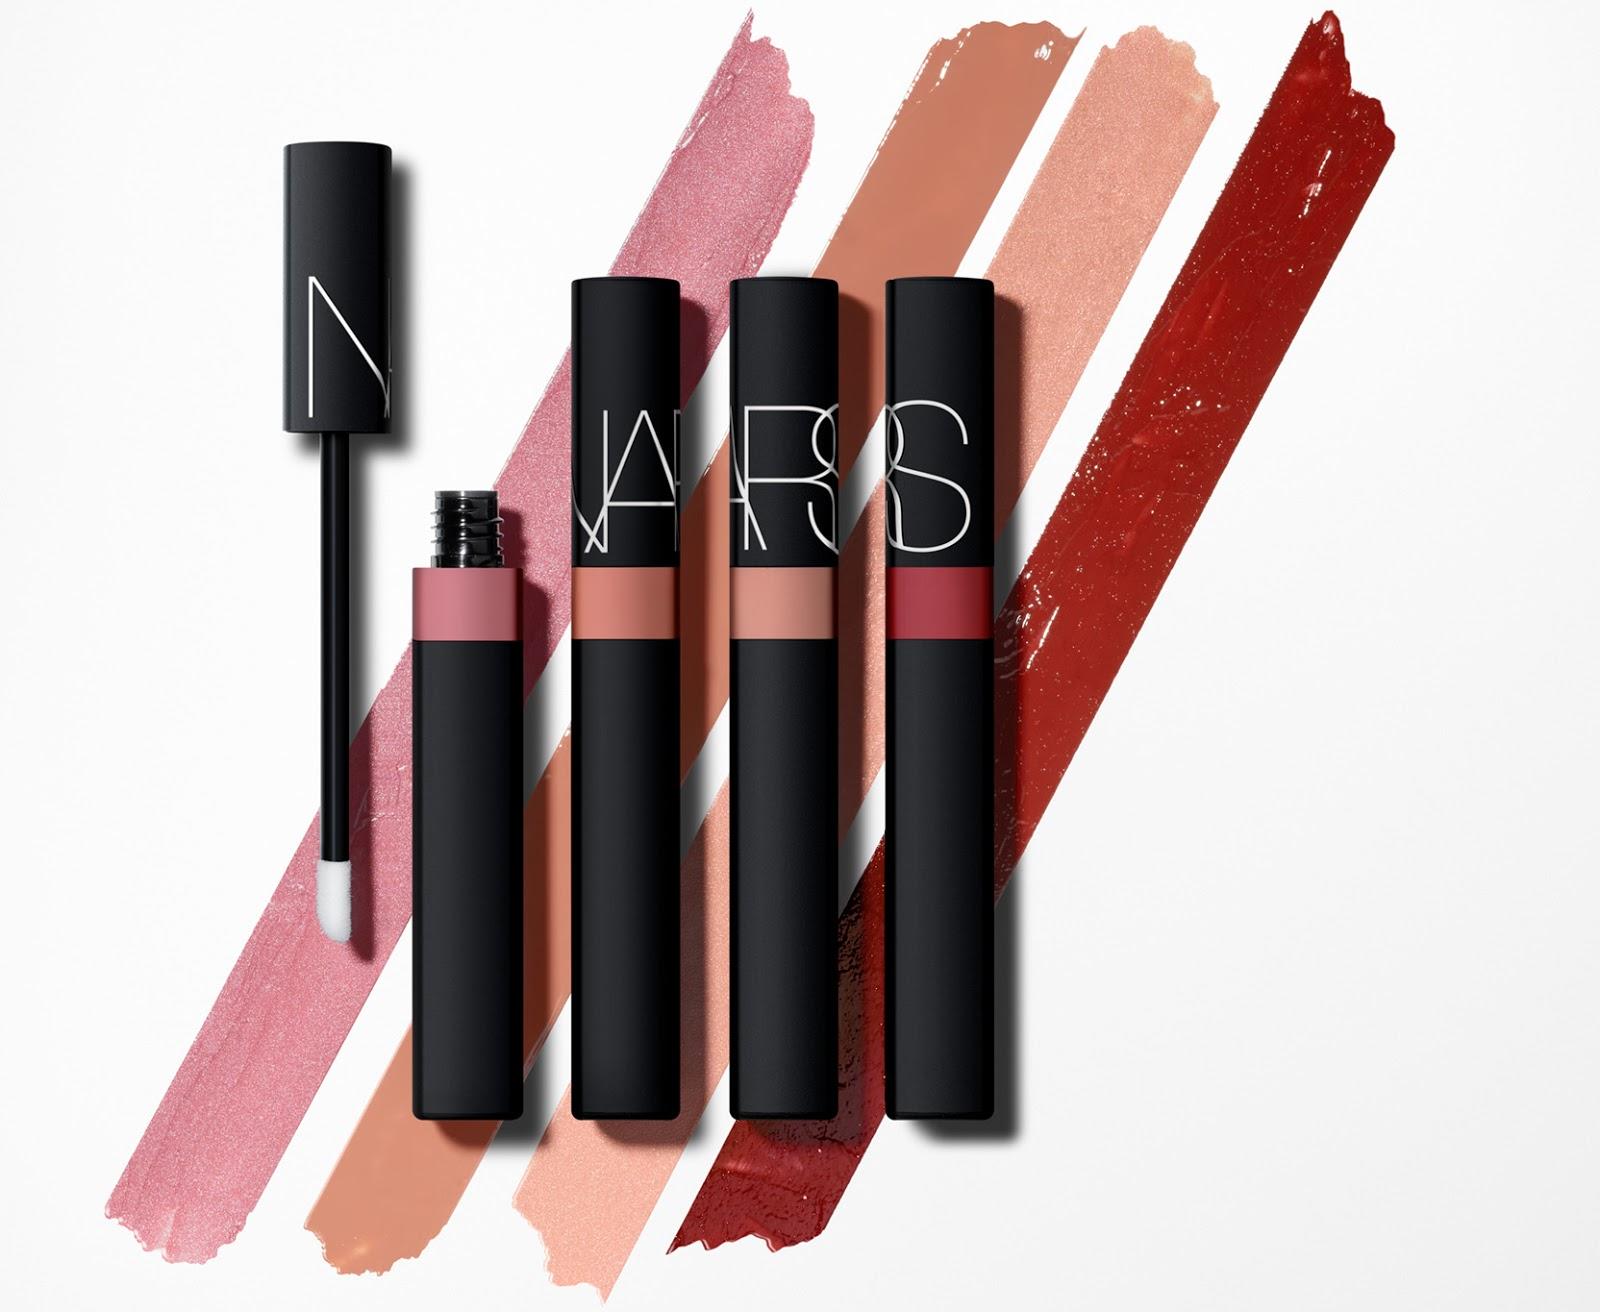 NARS-Lip-Cover-primavera-2018